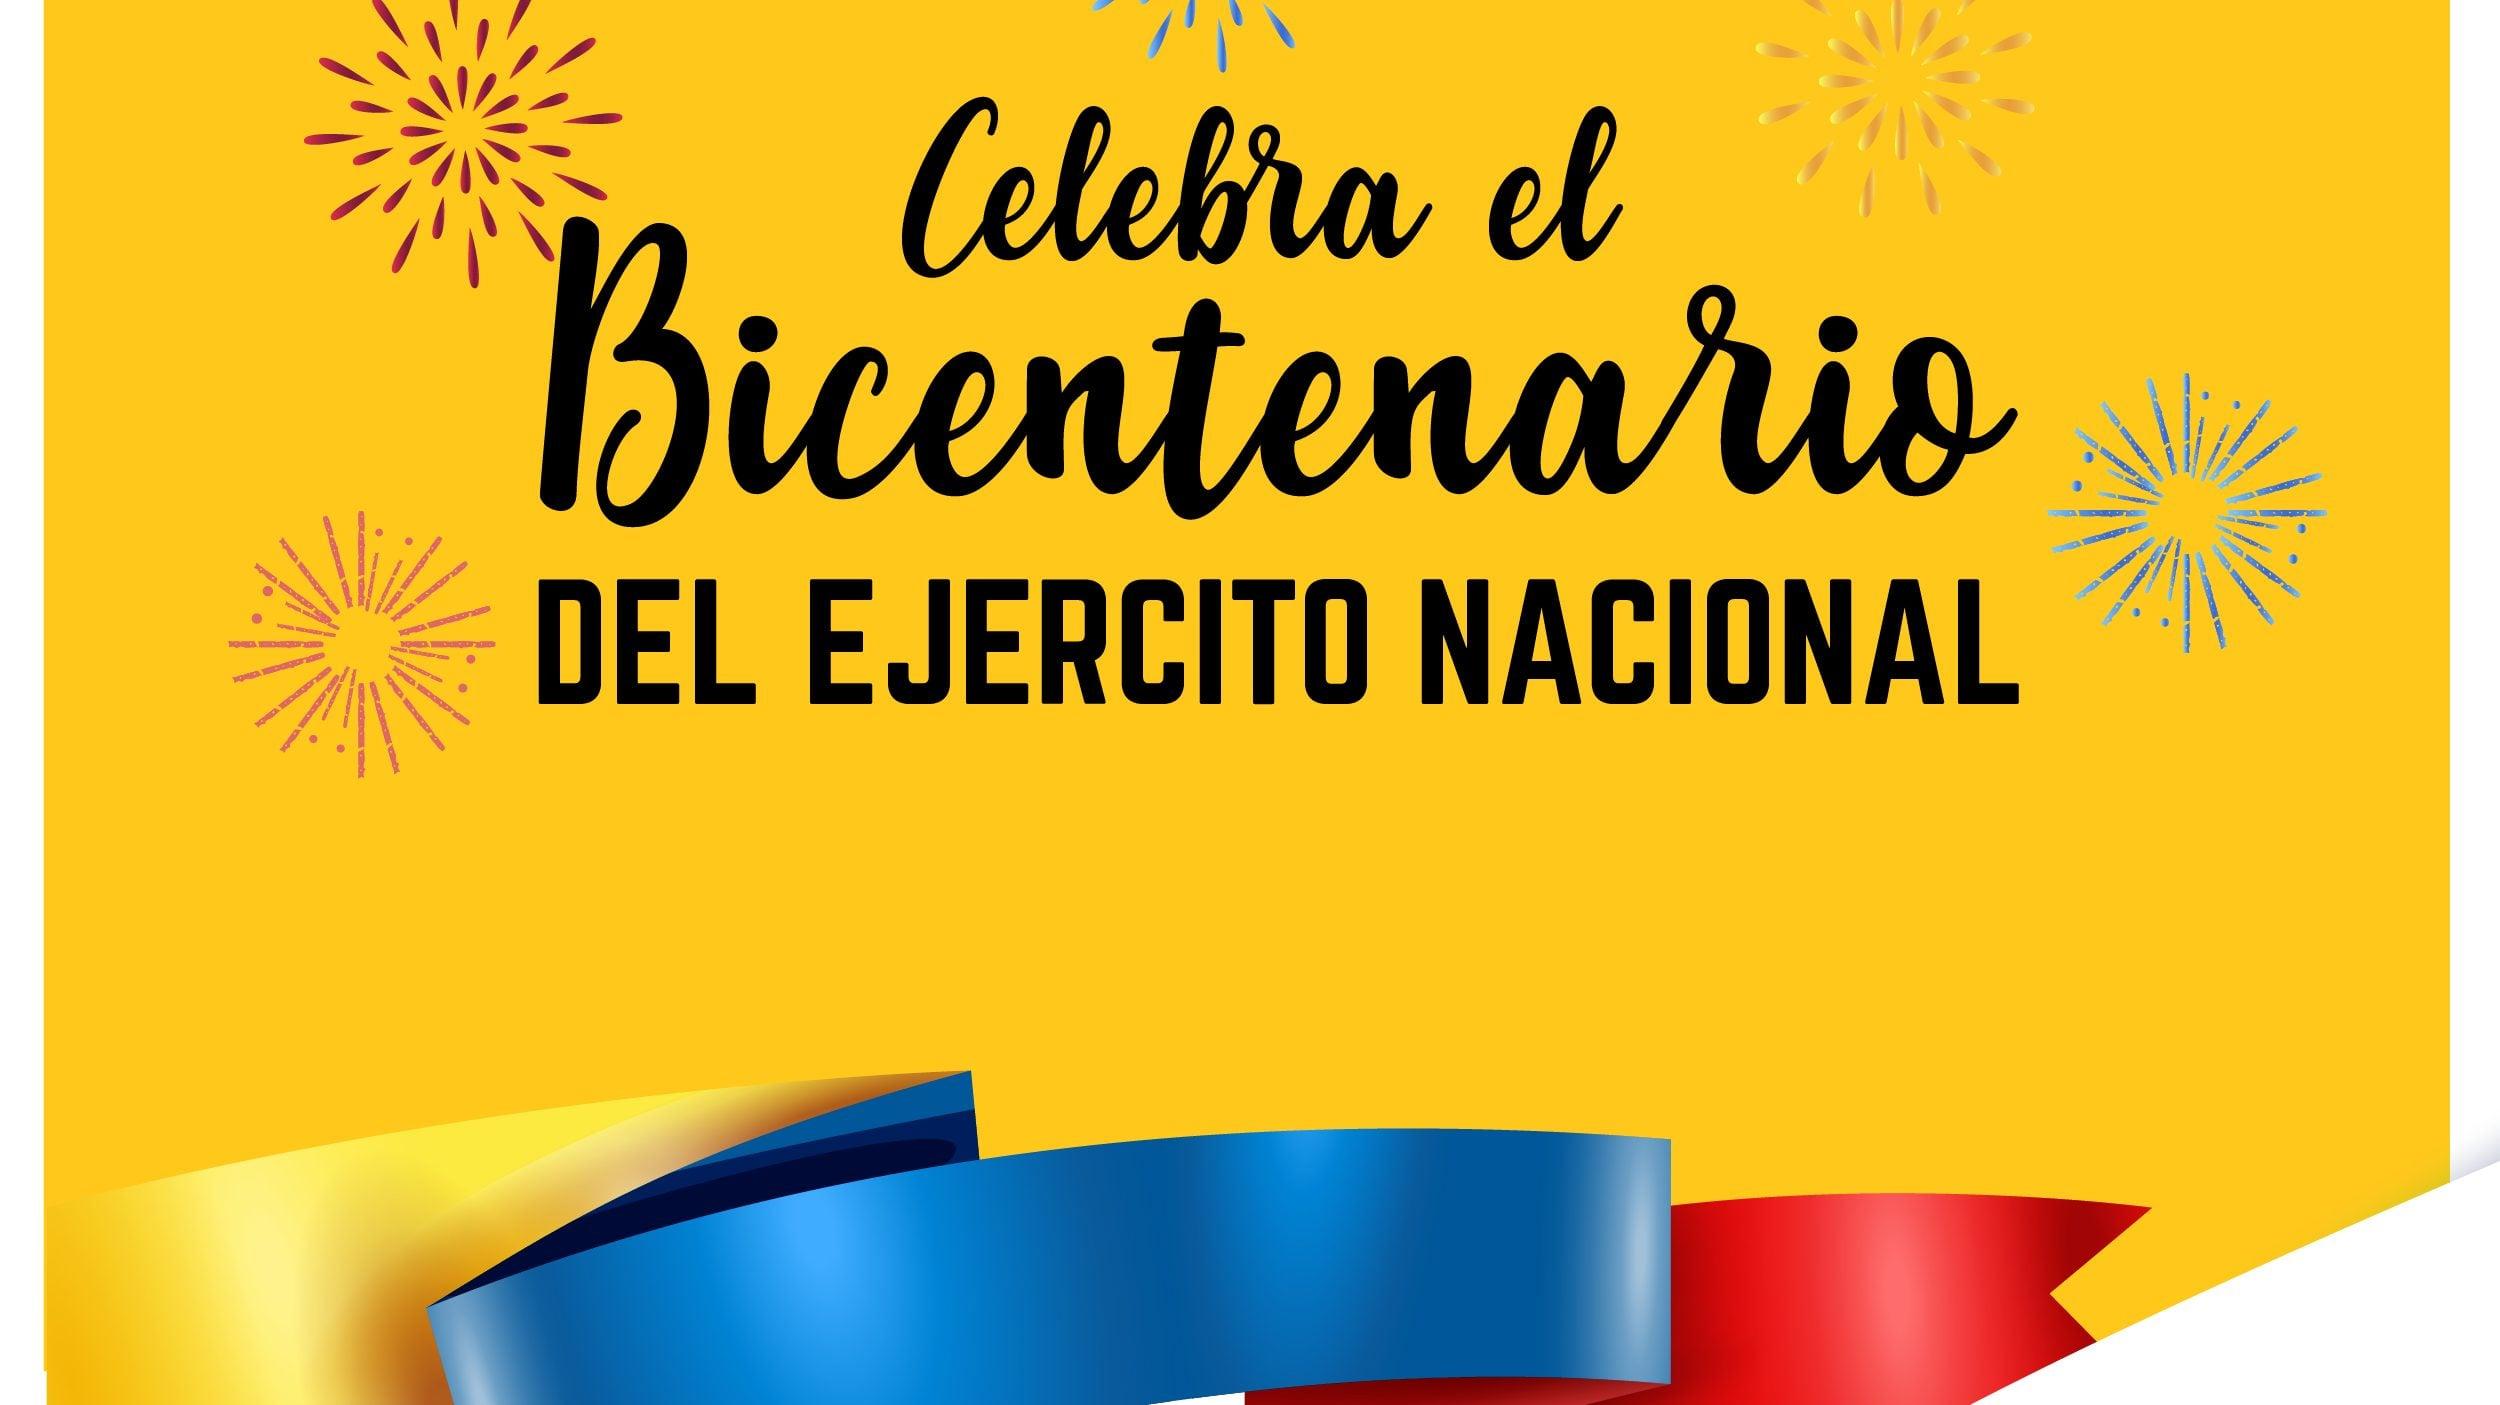 Campanario Centro Comercial y Ejército Nacional rinden homenaje al Bicentenario de la Independencia